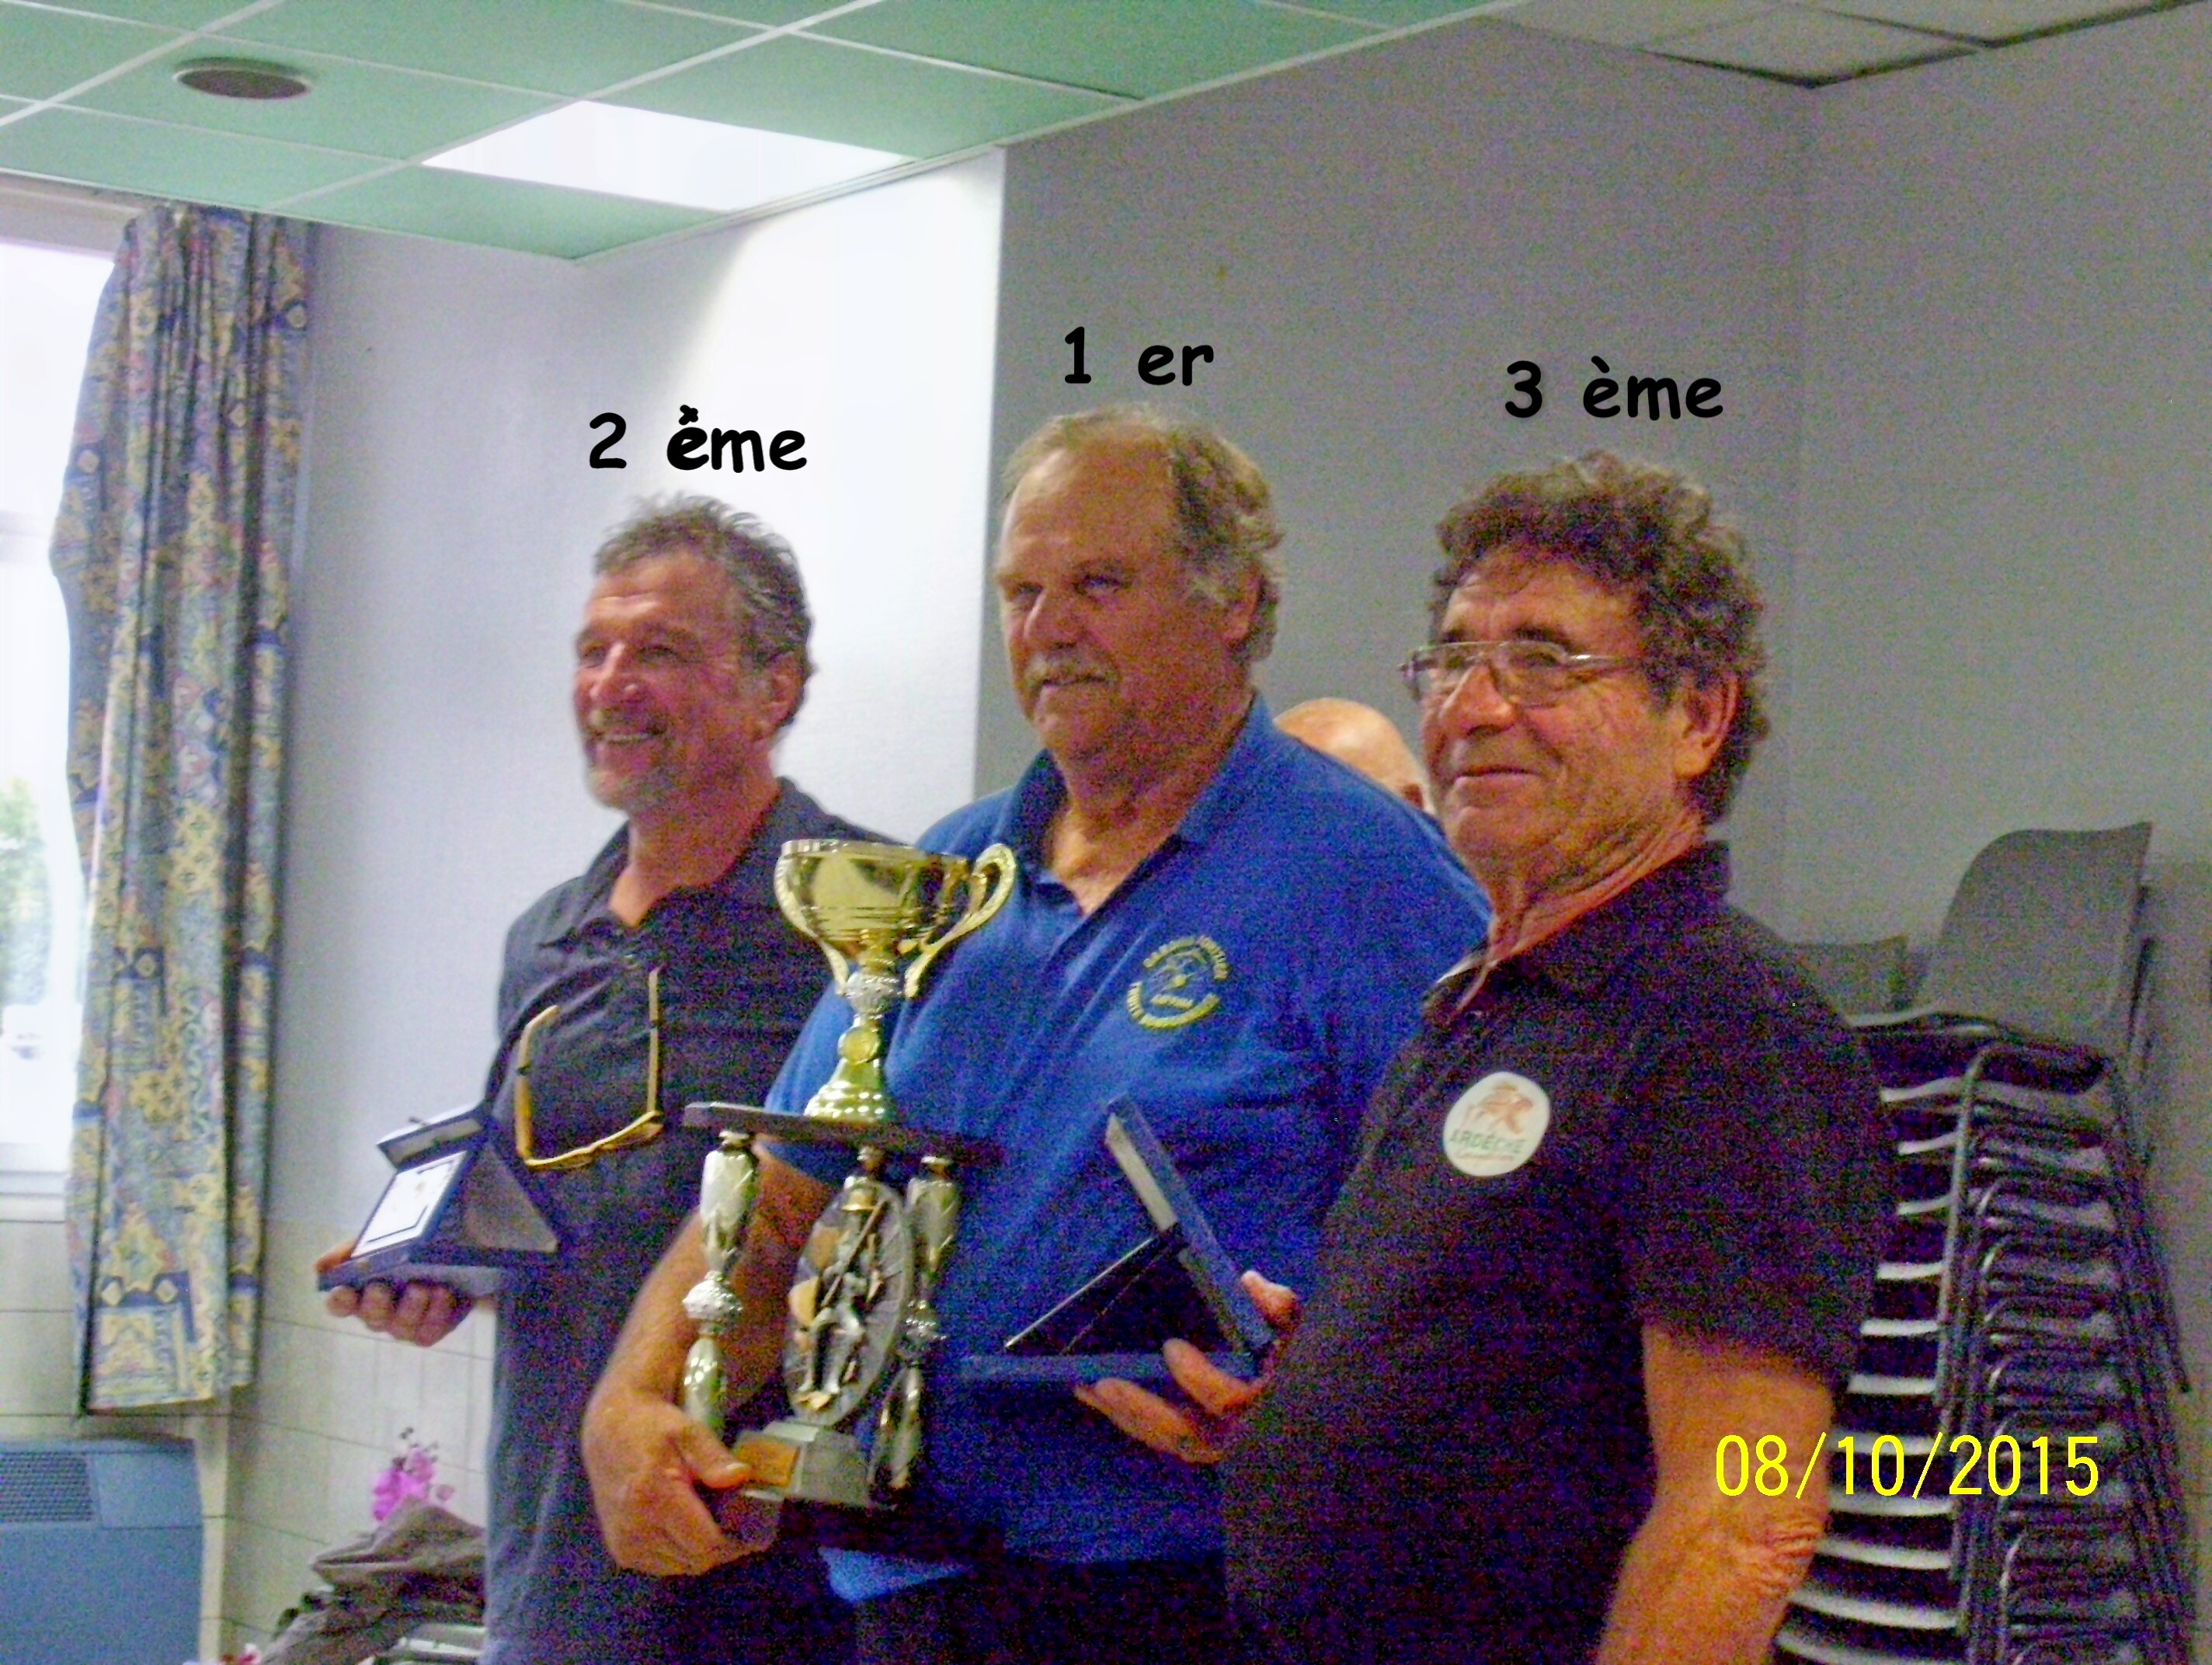 Mes concours entre Papy retraités - Page 4 15101201141816174113654437